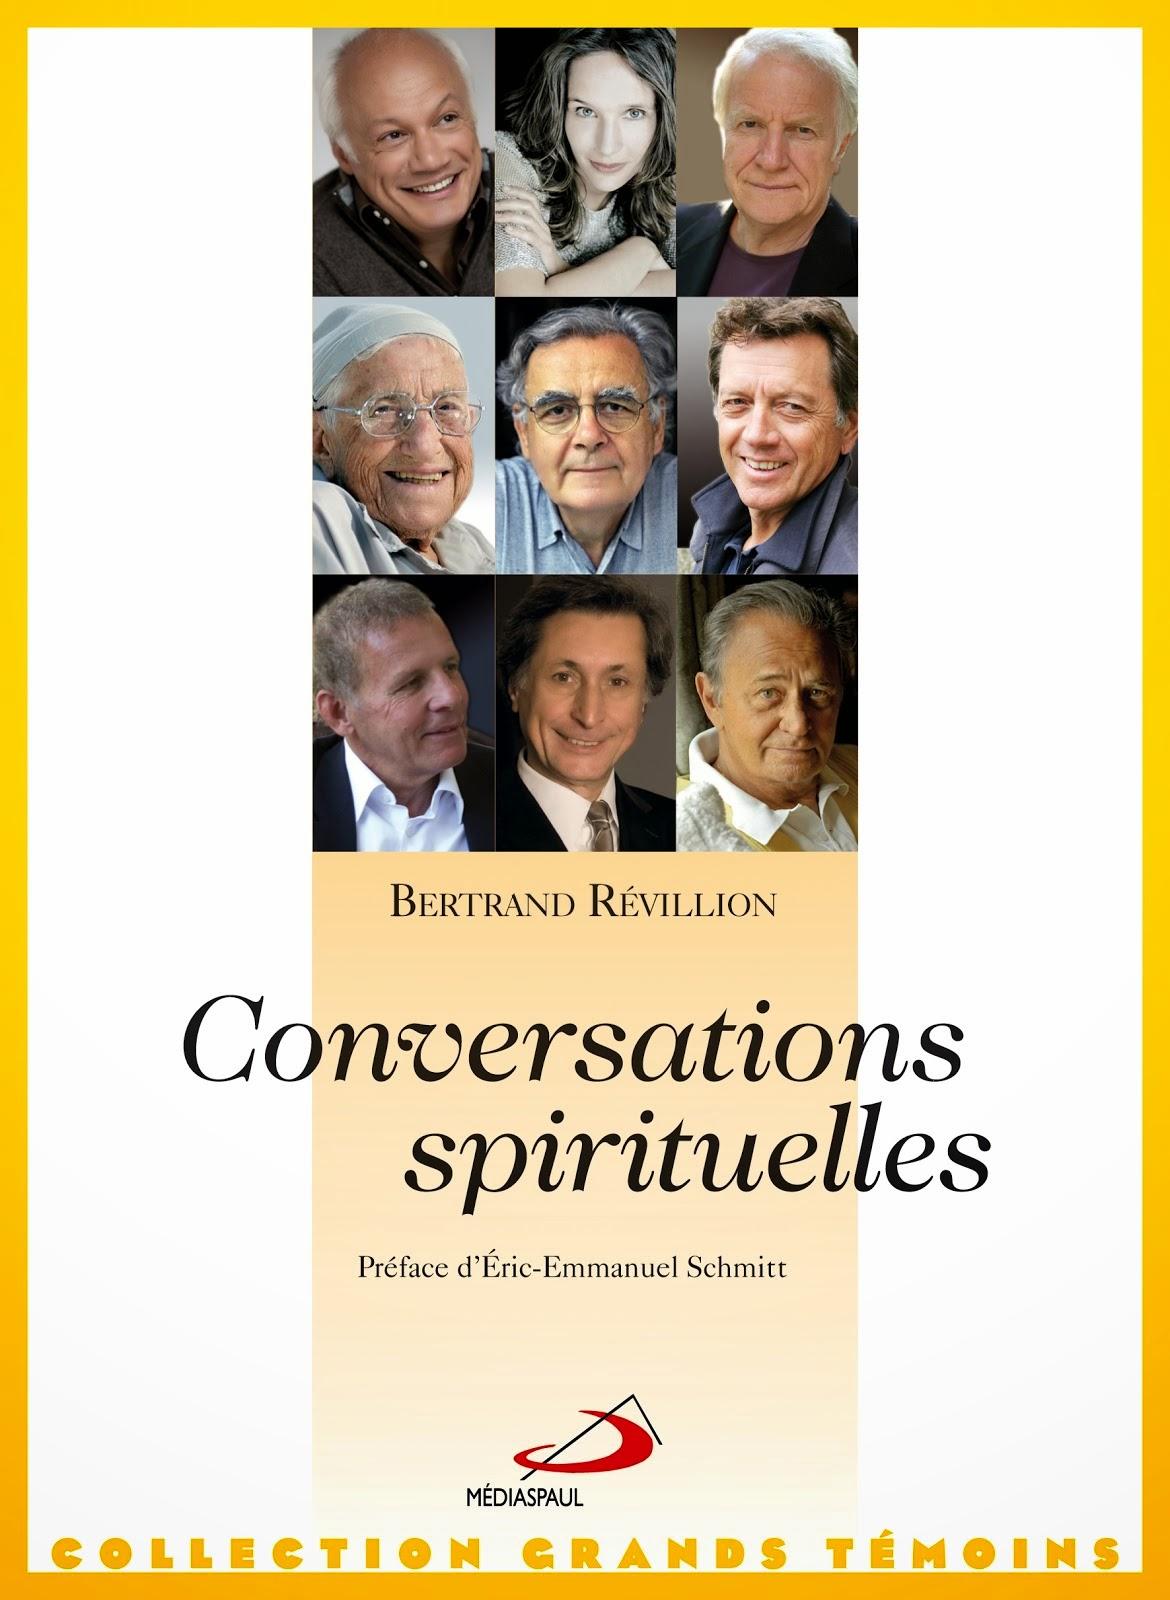 CONVERSATIONS SPIRITUELLES Tome 1 Préface d'Eric-Emmanuel SCHMITT